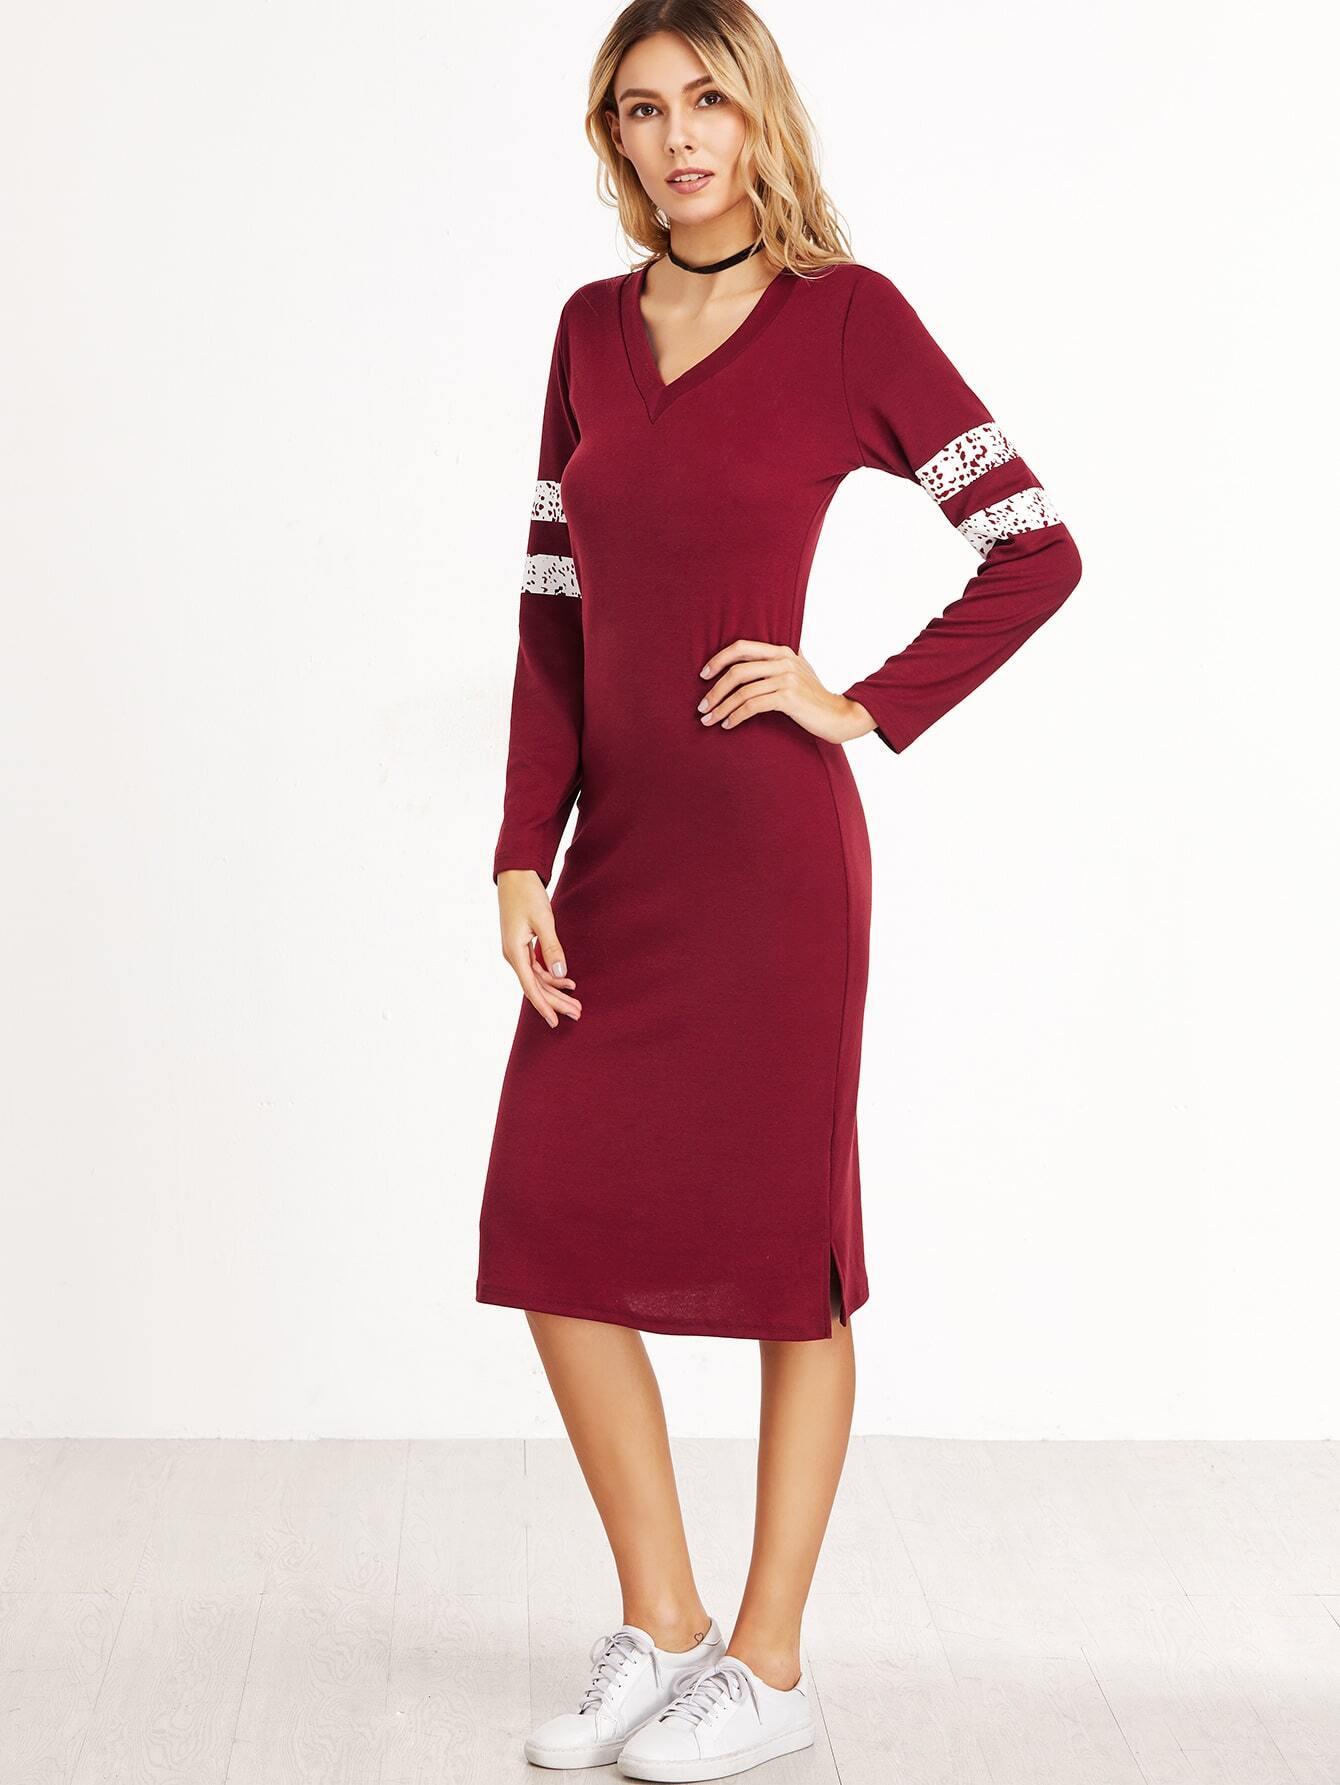 dress161110701_2